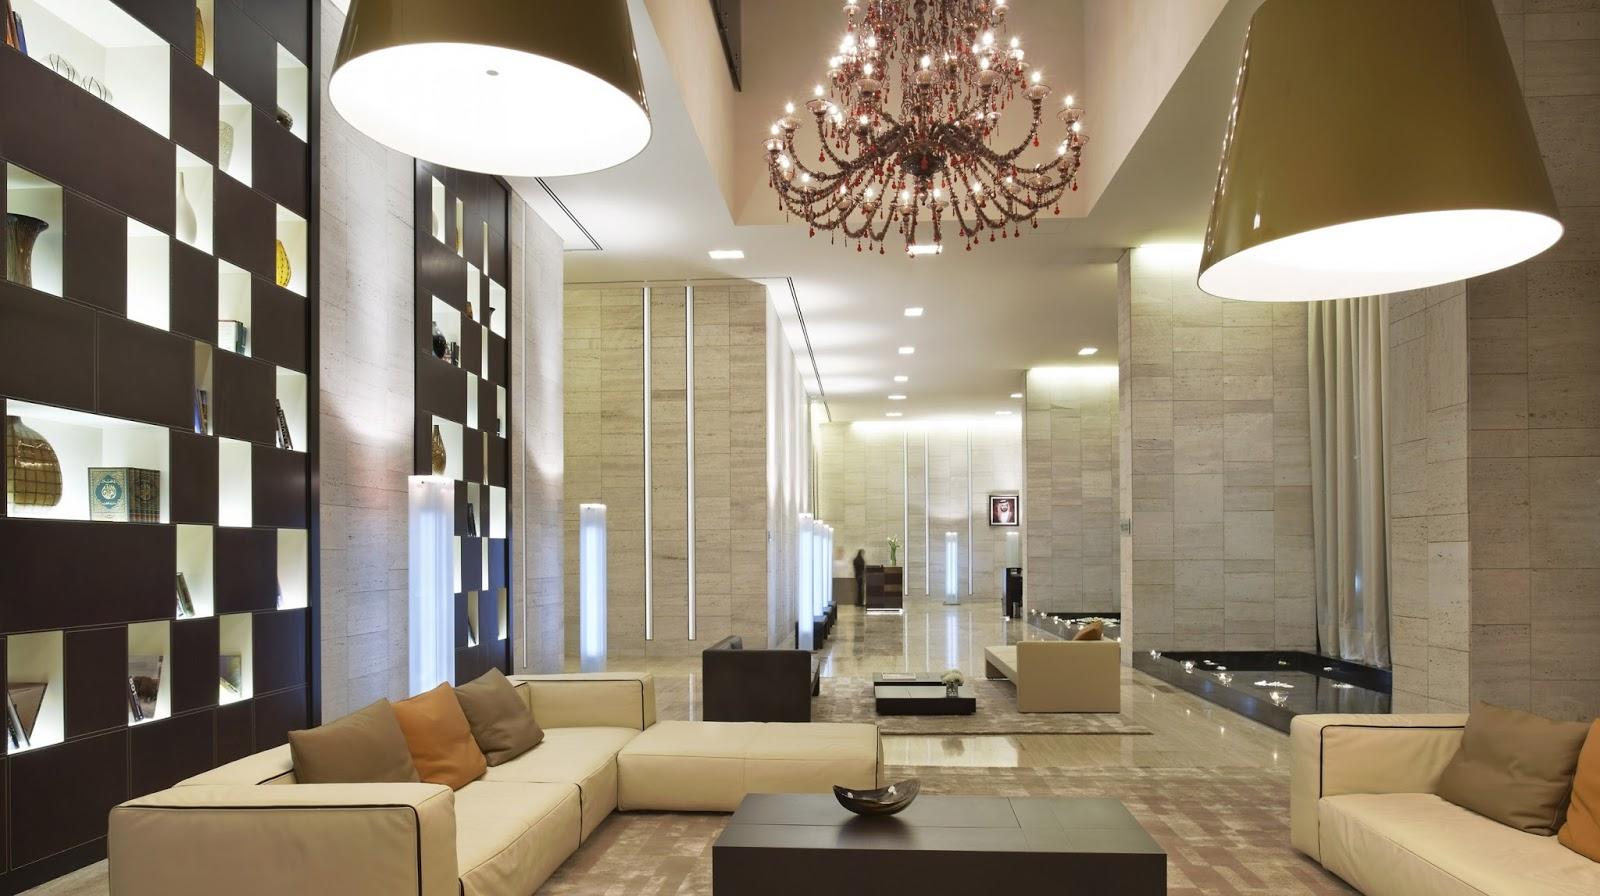 Interior design jobs in dubai uae for Best interior design jobs